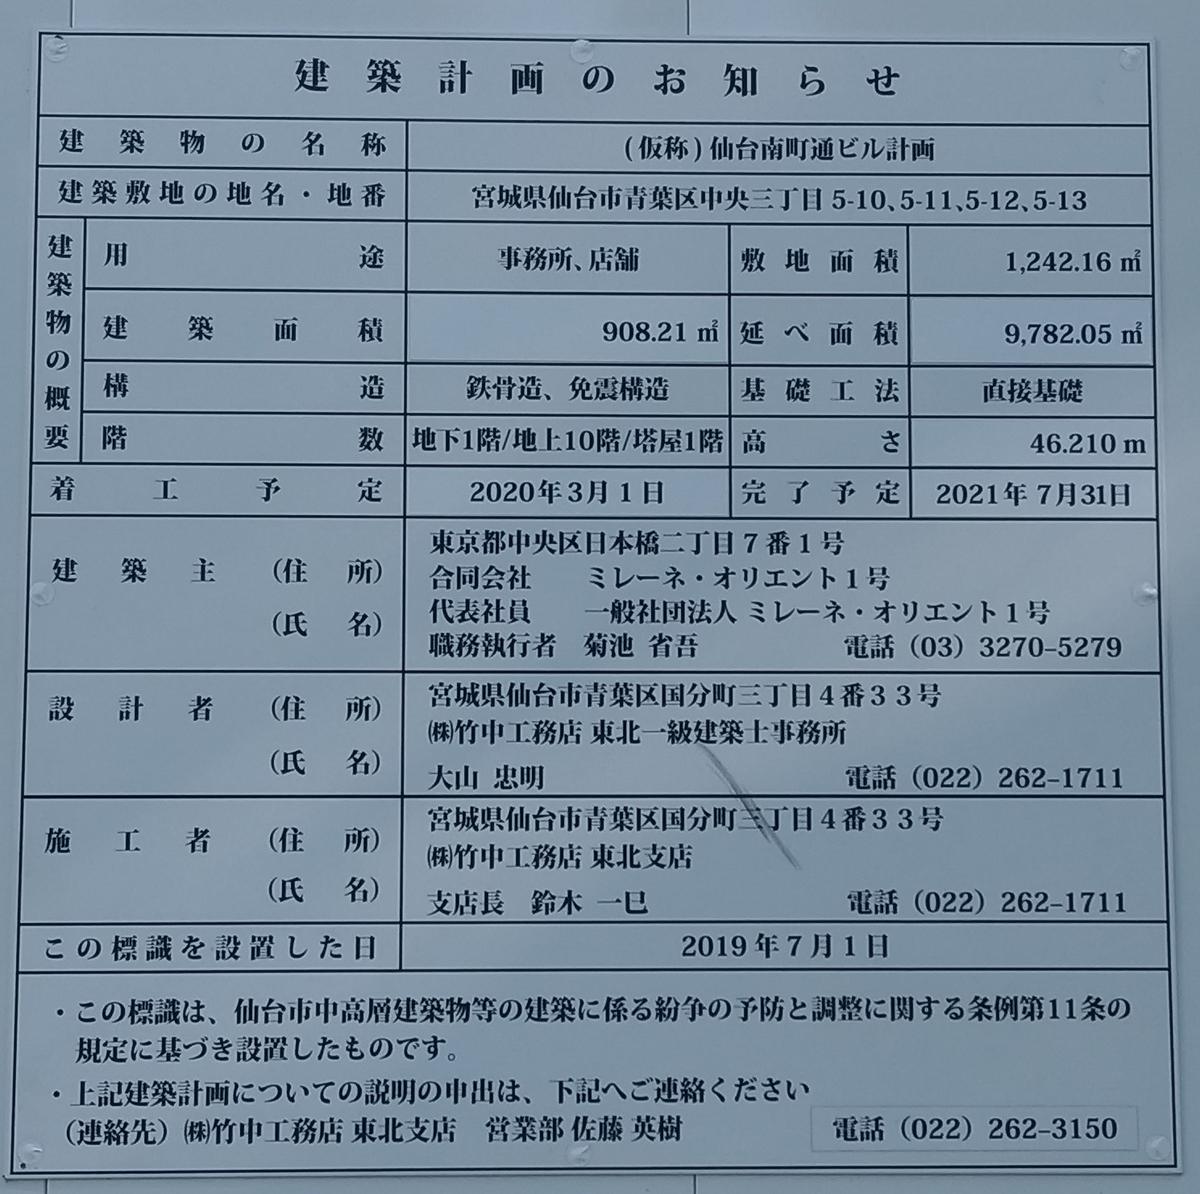 f:id:d-naka07:20200616233324j:plain